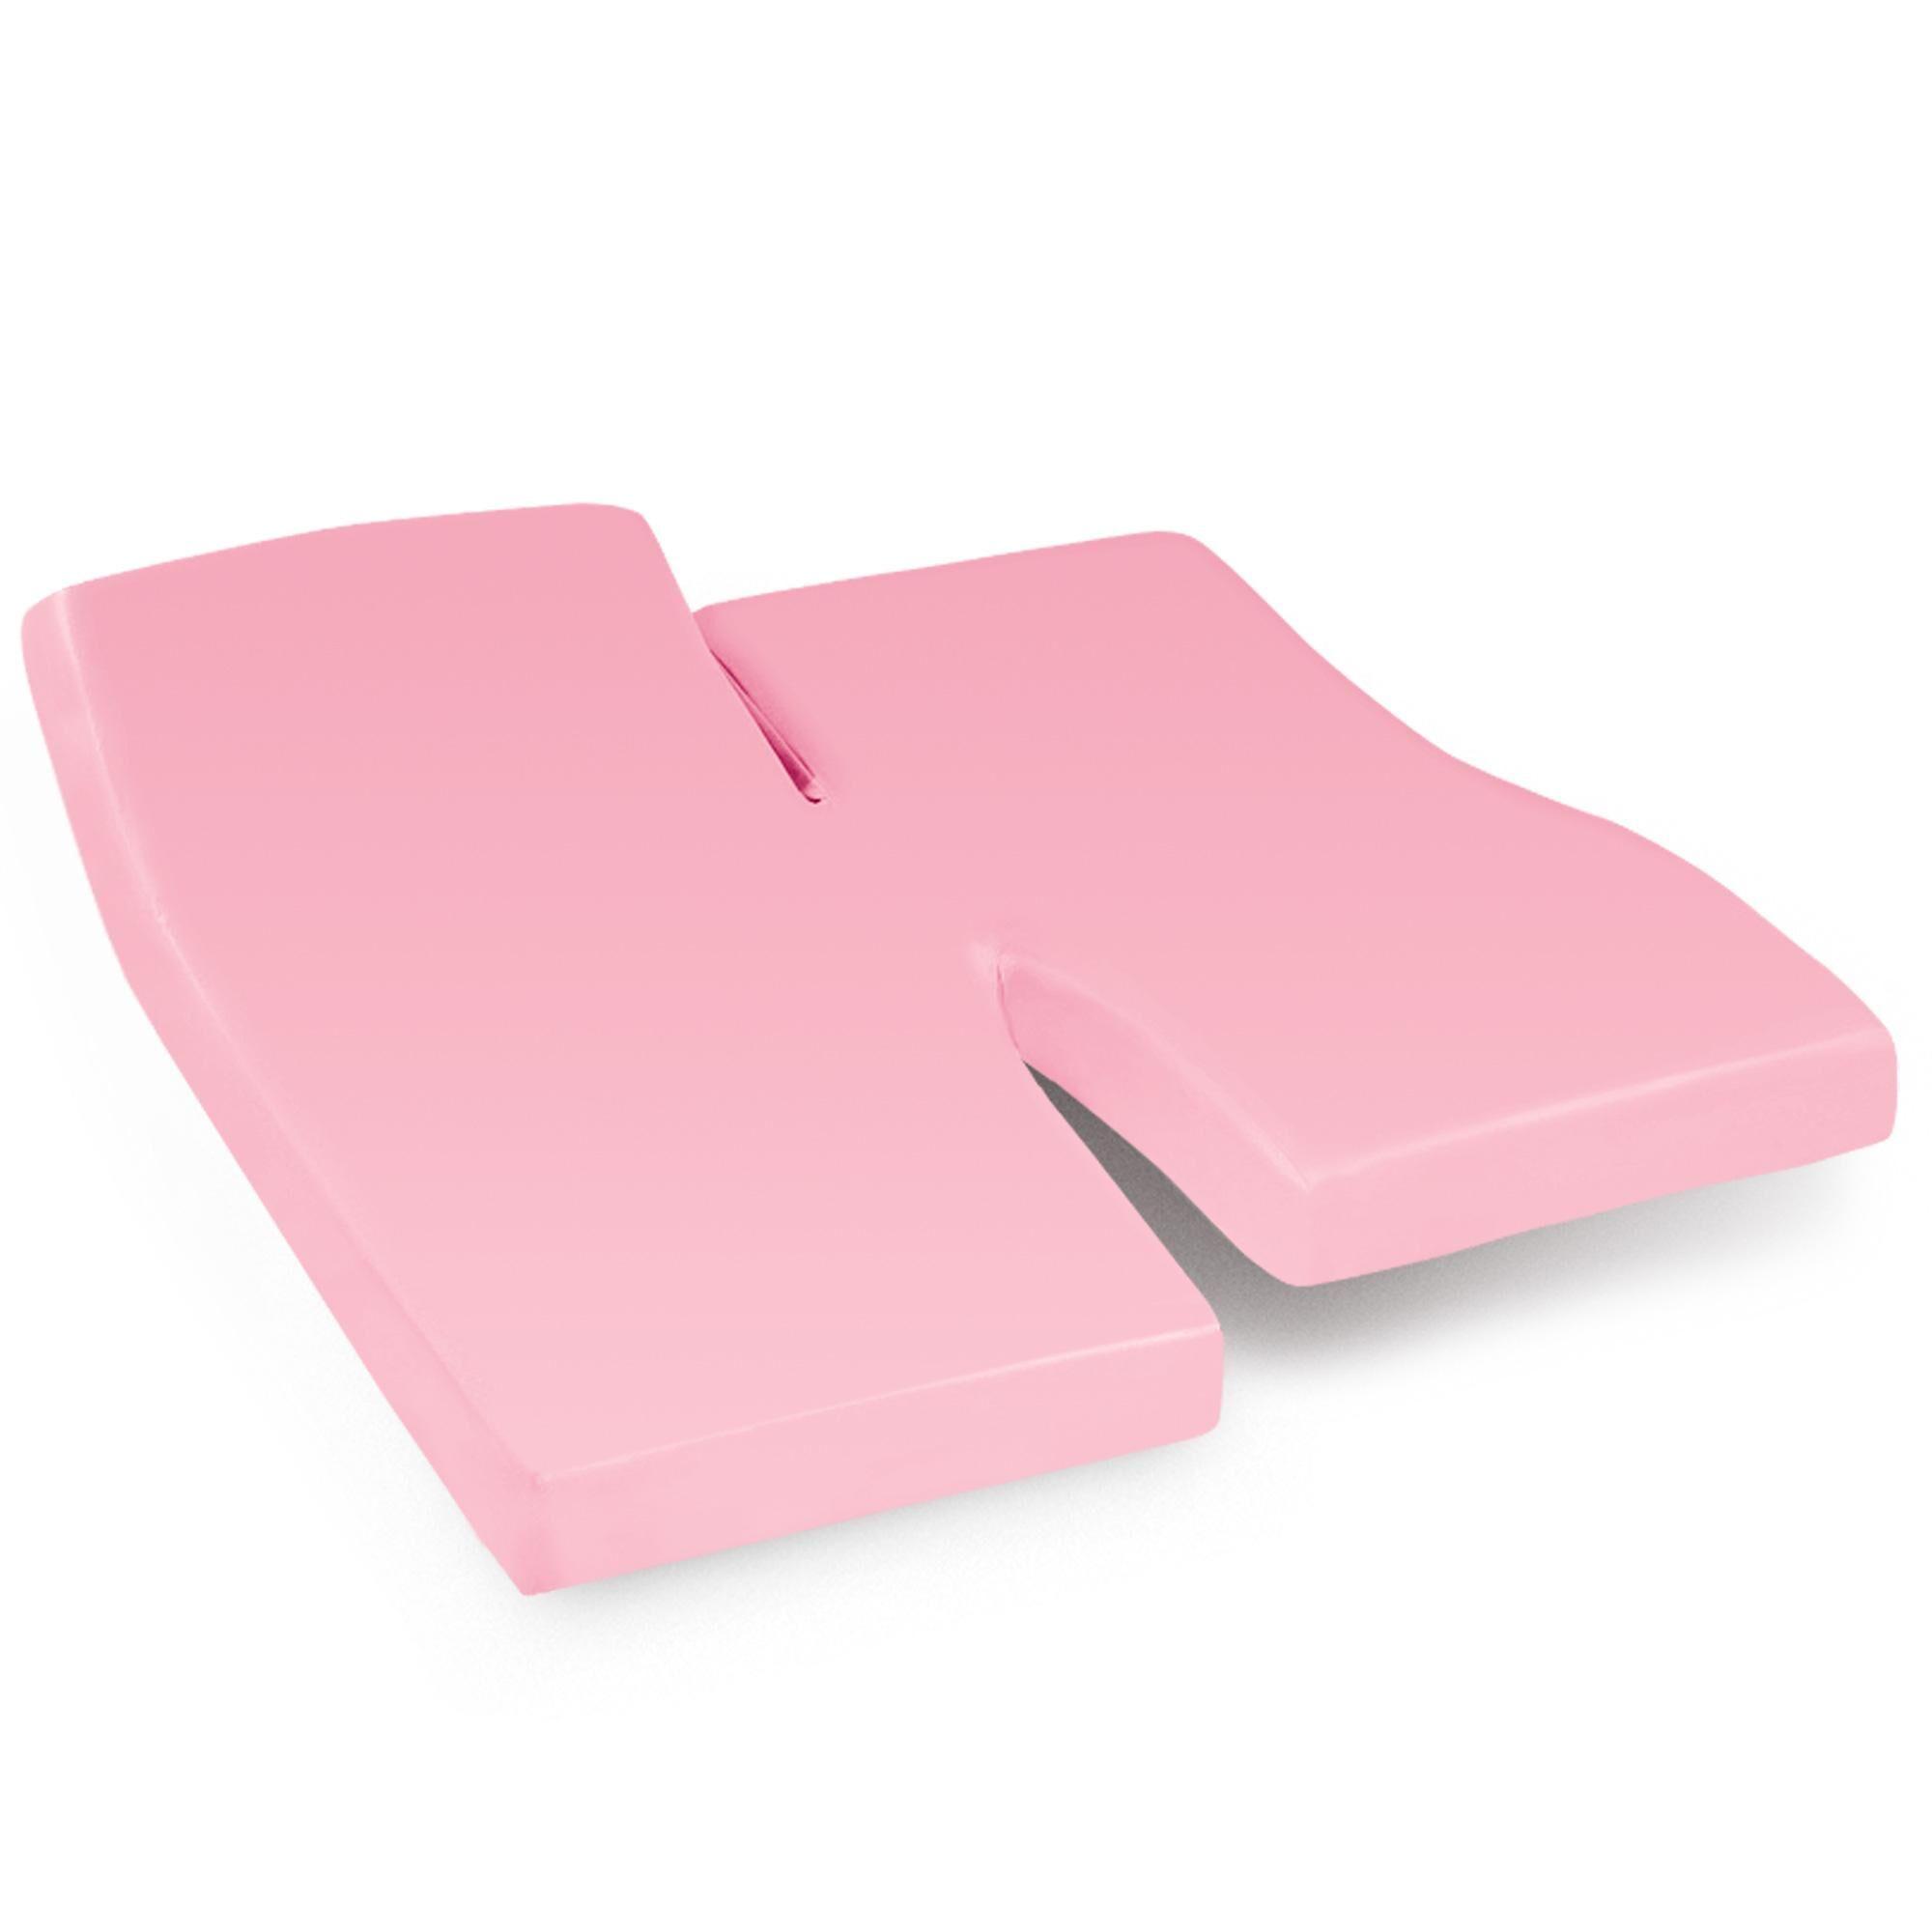 Linnea Drap housse relaxation uni 2x70x200 cm 100% coton ALTO Macaron TPR Tête et pied relevable